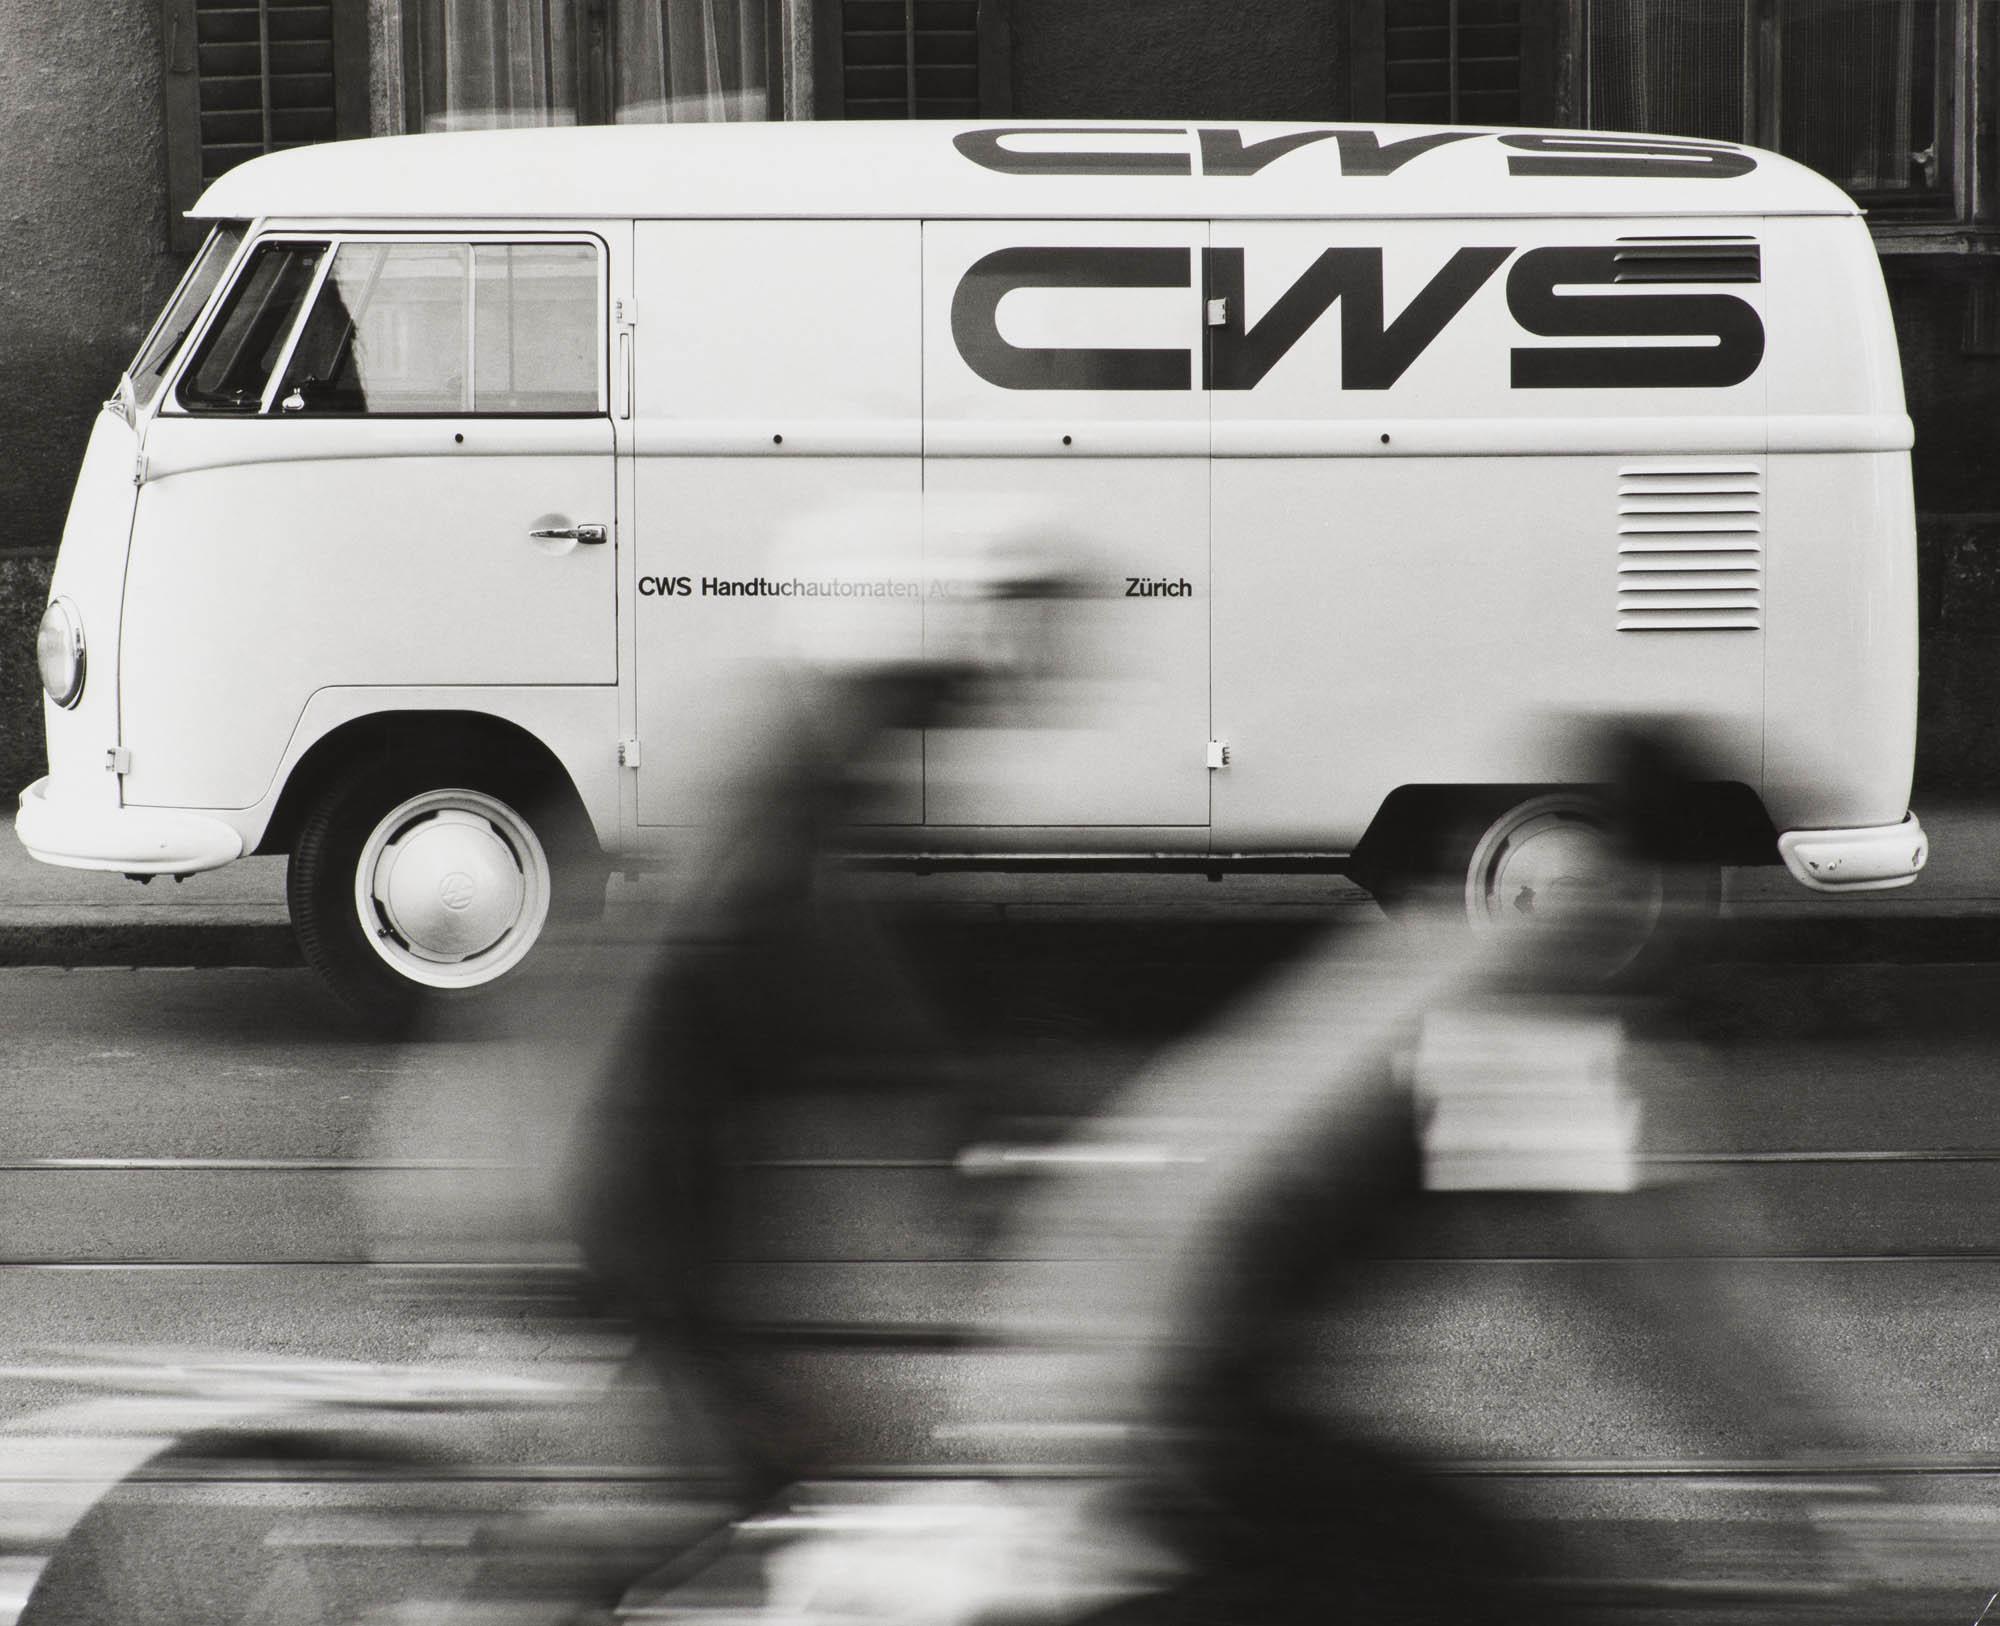 CWS Josef Müller-Brockmann Logoentwurf